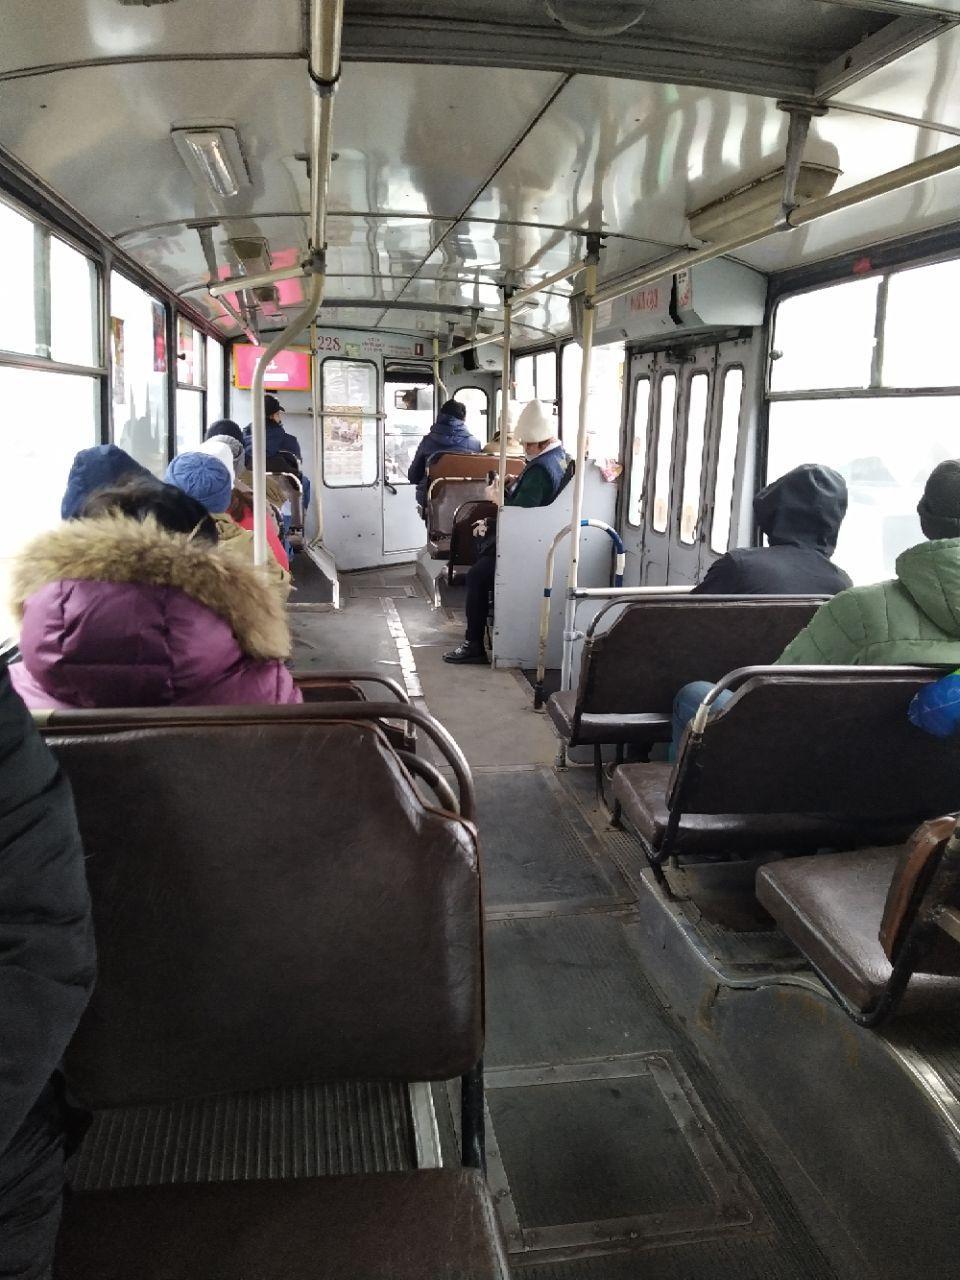 Троллейбусы развезут читинцев в пасхальную ночь после службы